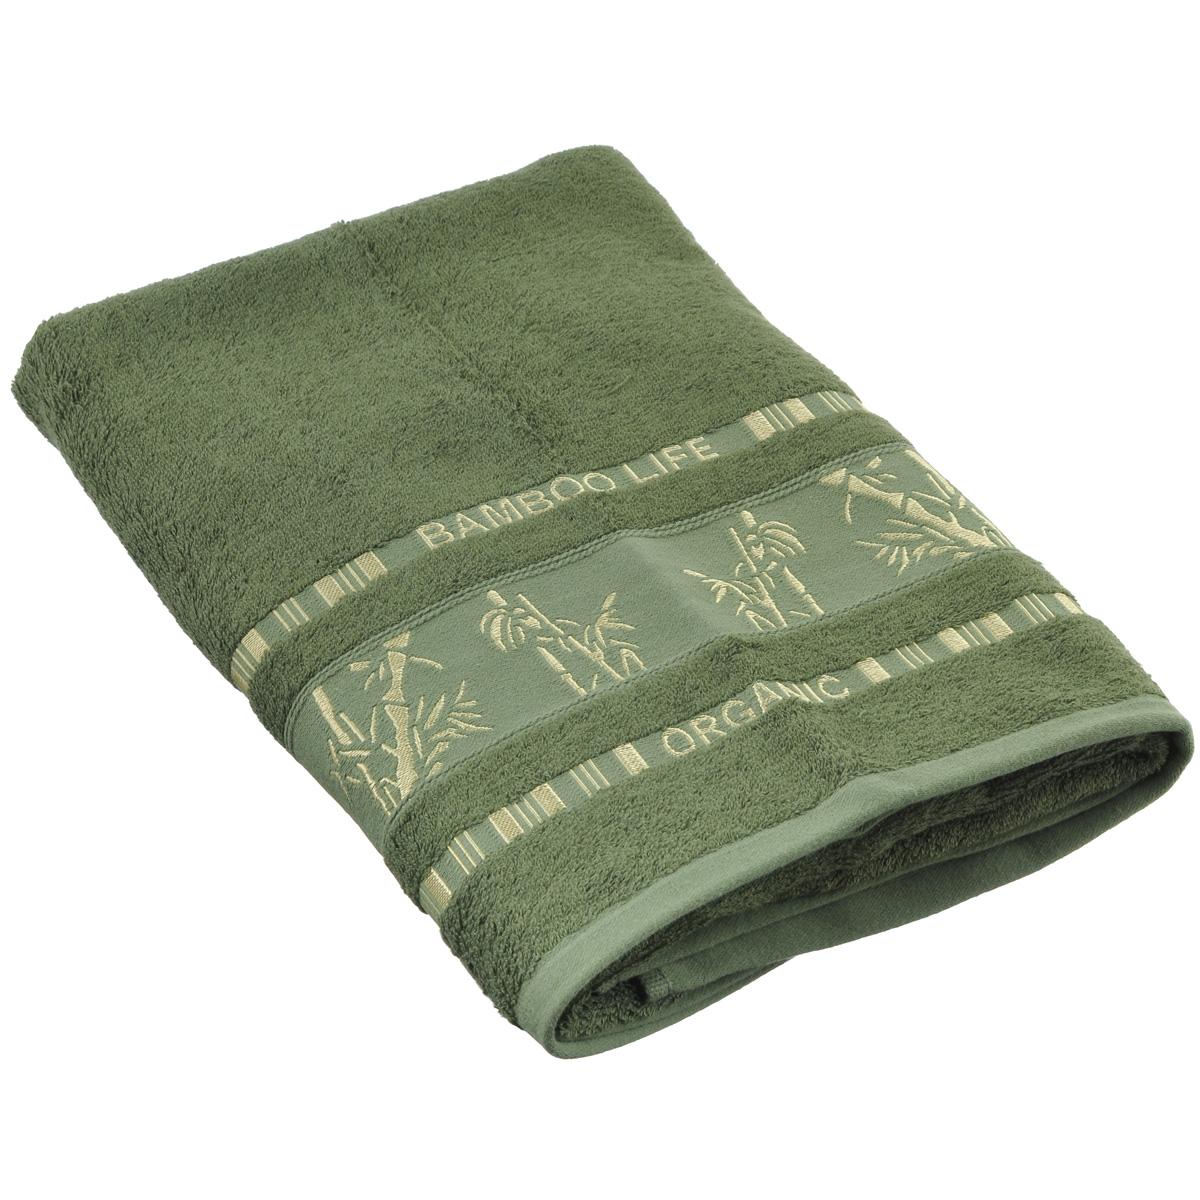 Полотенце Mariposa Bamboo, цвет: темно-зеленый, 70 см х 140 см68/5/1Полотенце Mariposa Bamboo, изготовленное из 60% бамбука и 40% хлопка, подарит массу положительных эмоций и приятных ощущений.Полотенца из бамбука только издали похожи на обычные. На самом деле, при первом же прикосновении вы ощутите невероятную мягкость и шелковистость. Таким полотенцем не нужно вытираться - только коснитесь кожи - и ткань сама все впитает! Несмотря на богатую плотность и высокую петлю полотенца, оно быстро сохнет, остается легким даже при намокании.Полотенце оформлено изображением бамбука. Благородный тон создает уют и подчеркивает лучшие качества махровой ткани. Полотенце Mariposa Bamboo станет достойным выбором для вас и приятным подарком для ваших близких.Размер полотенца: 70 см х 140 см.